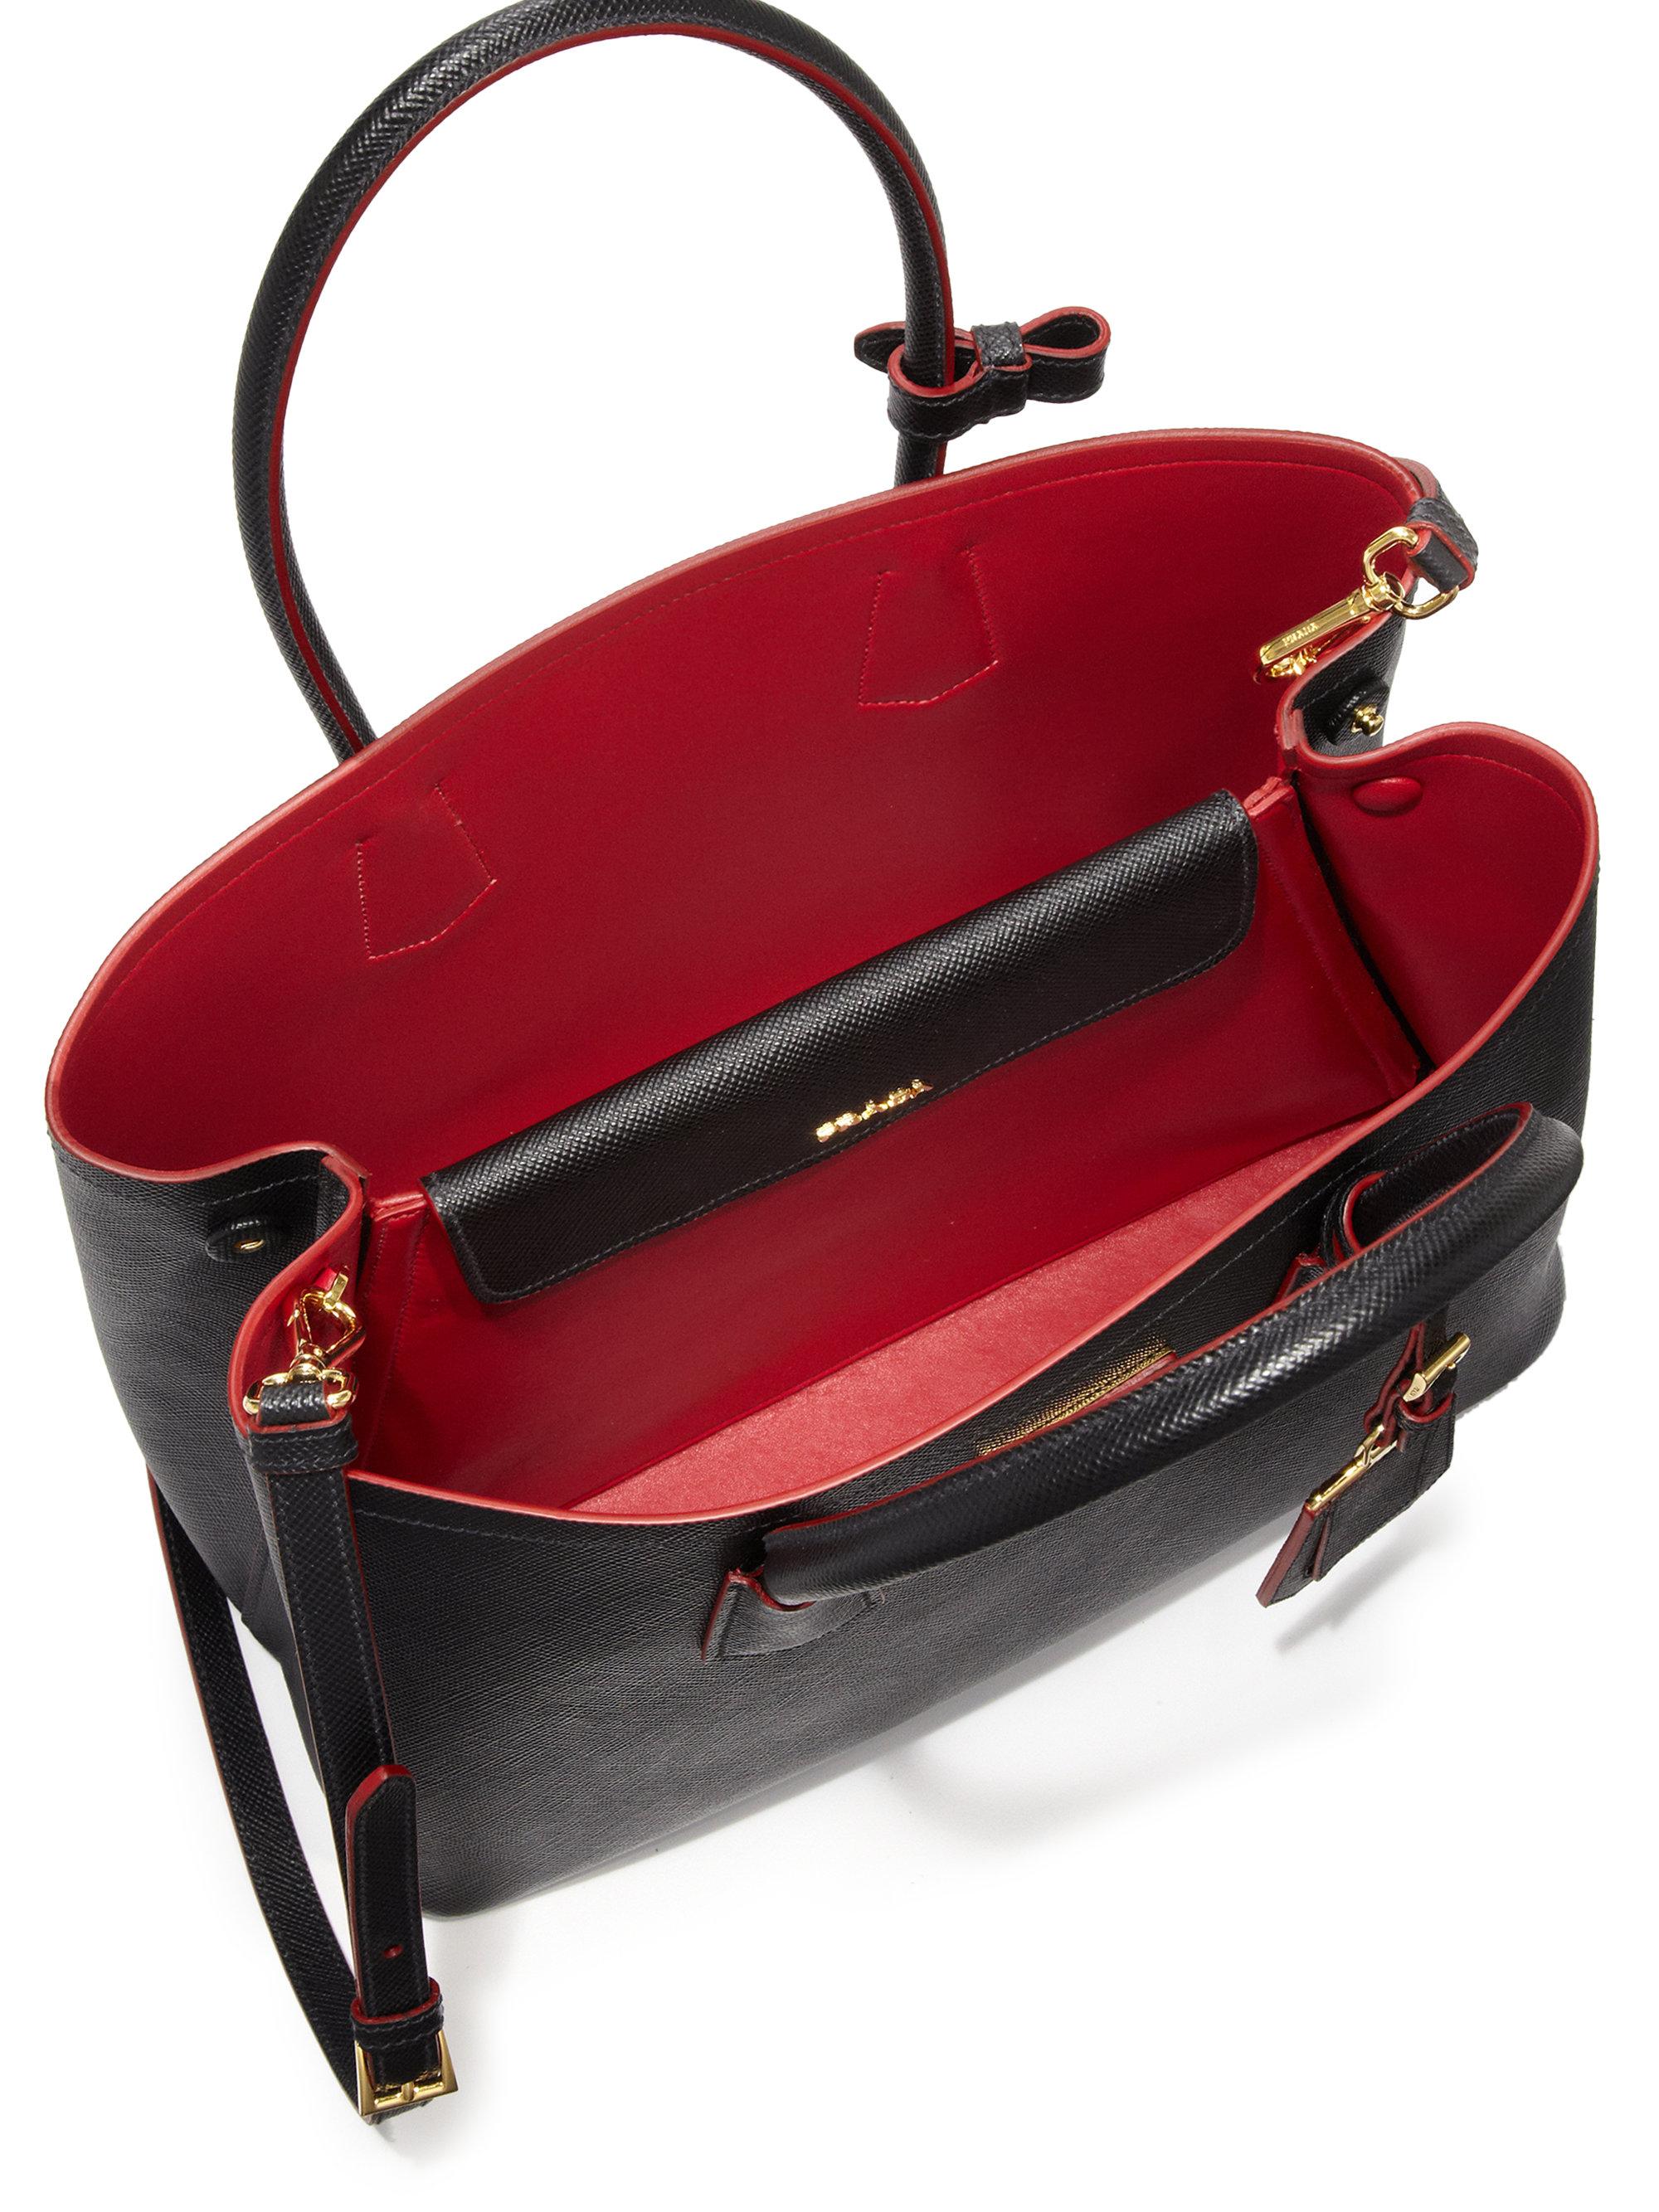 Prada Saffiano Cuir Medium Double Bag in Black | Lyst